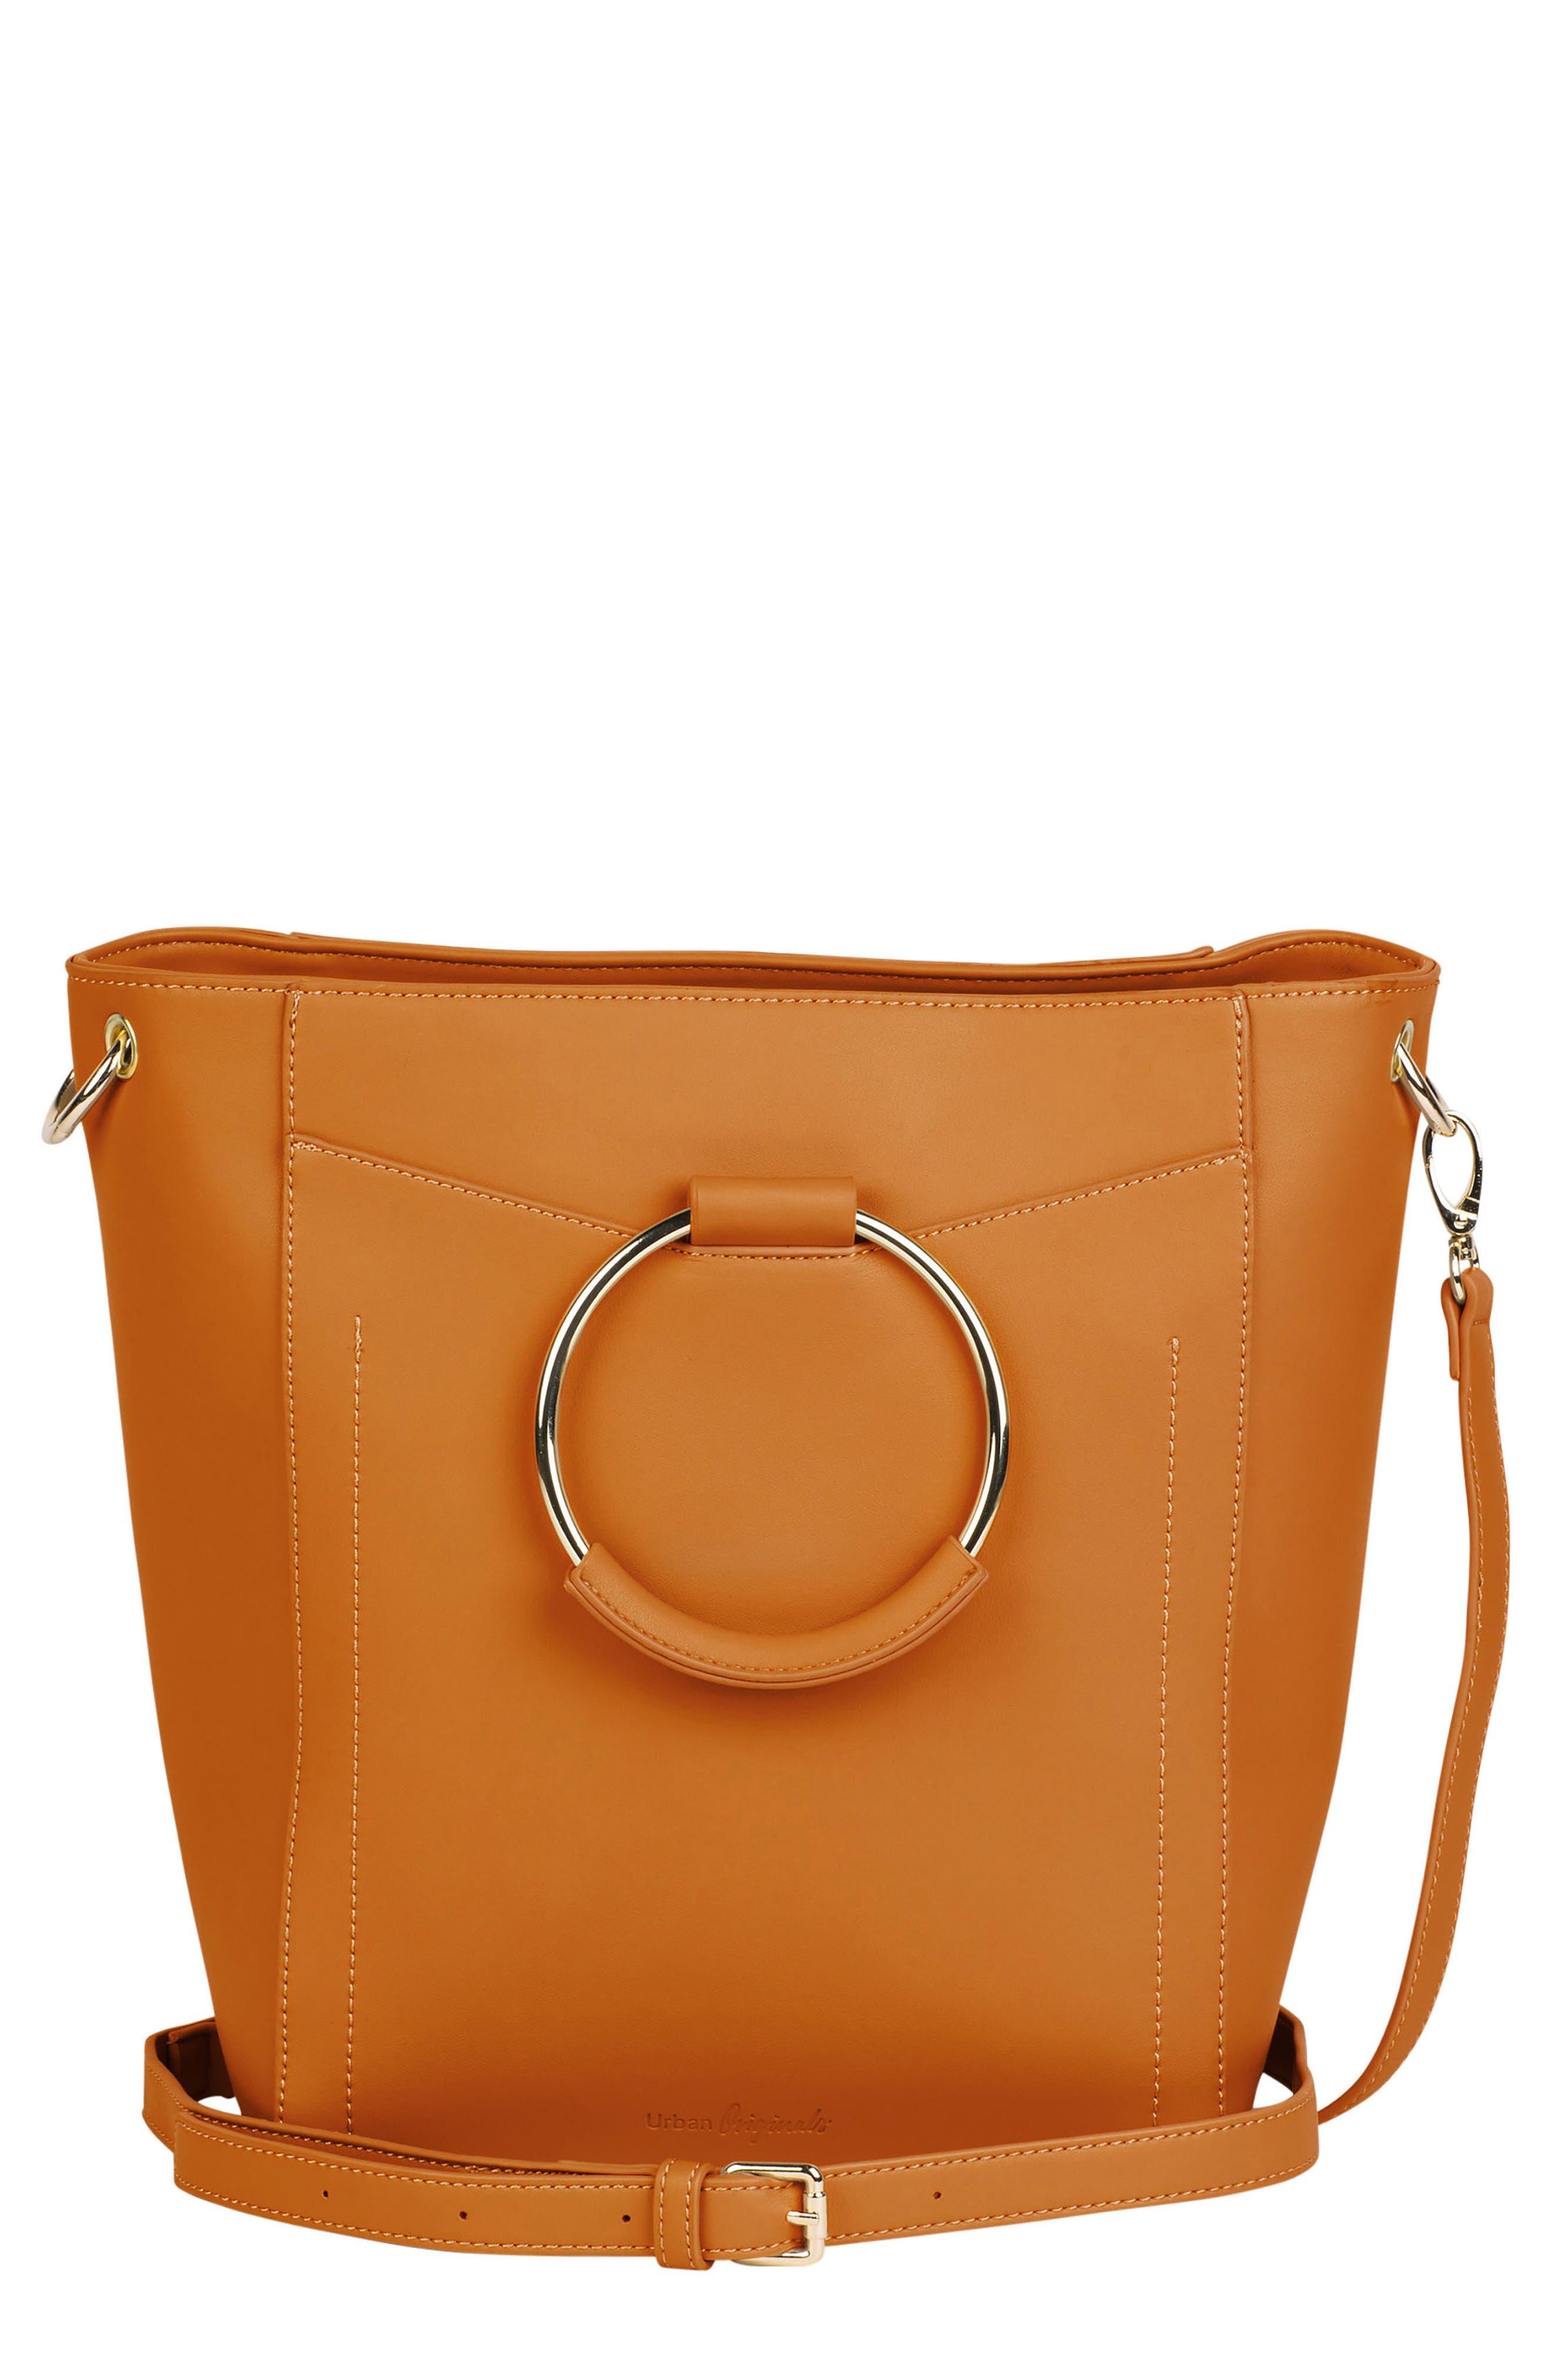 Luminescent Vegan Leather Crossbody Bag,                             Main thumbnail 1, color,                             Tan